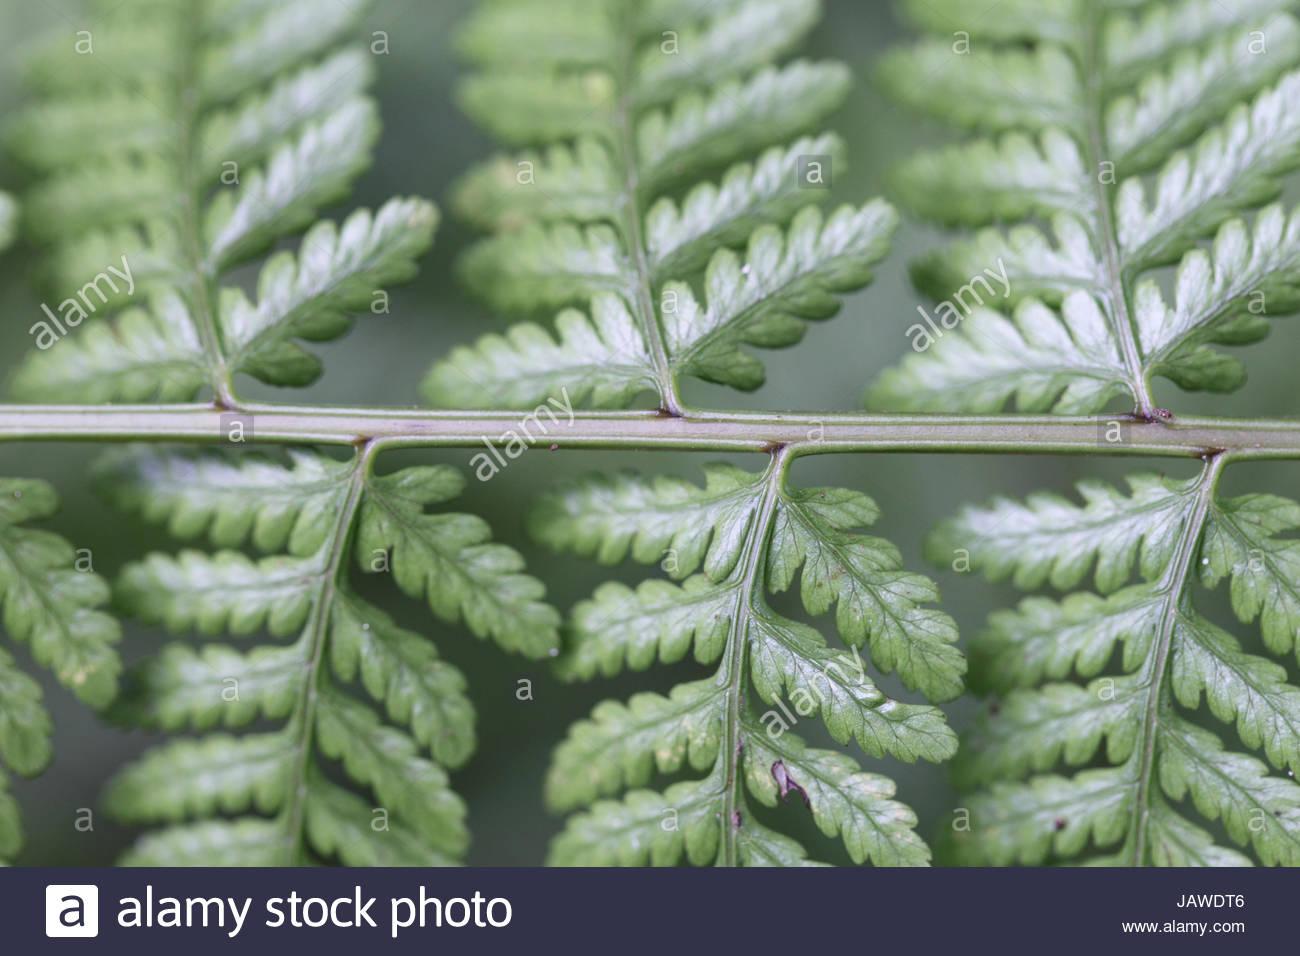 Details of a fern leaf. - Stock Image